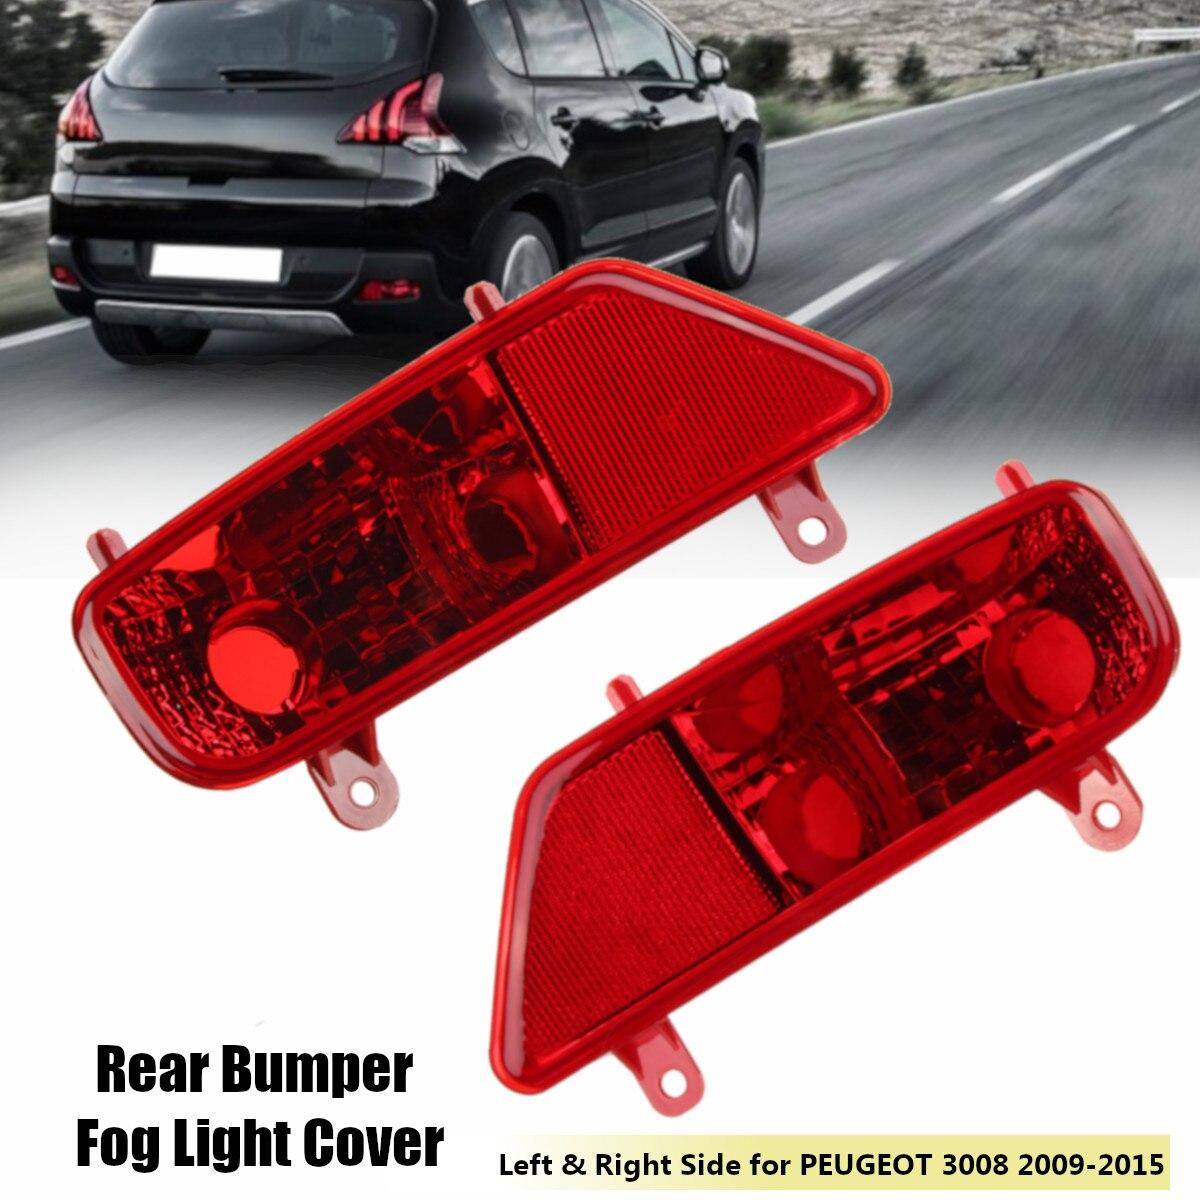 2X автомобиля задний левый и правый бампер туман светильник абажур для лампы с металлическим каркаксом чехол коробка без светильник для PEUGEOT...